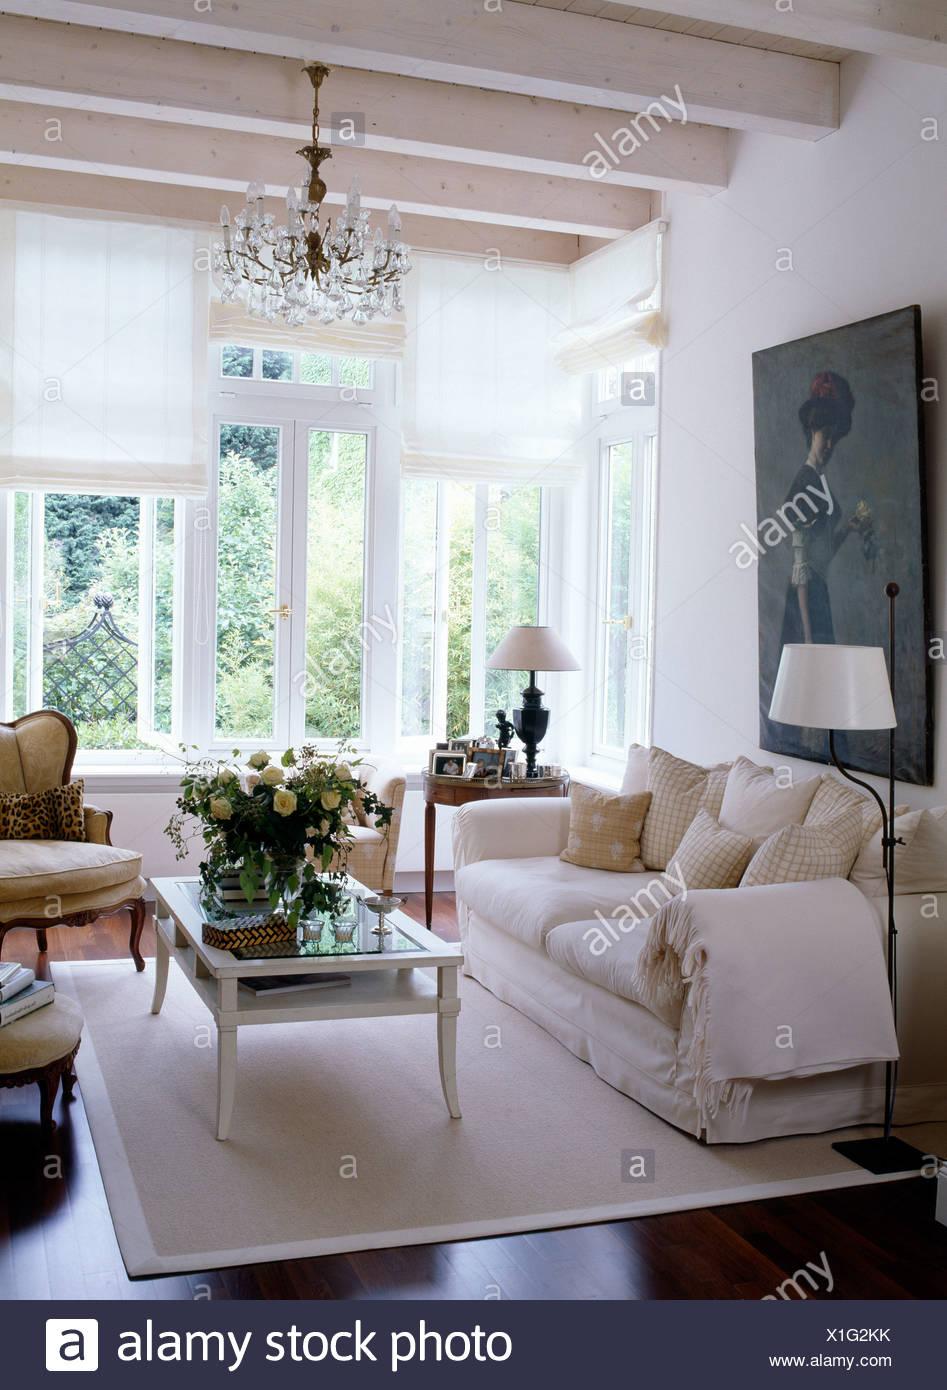 Table basse sur un tapis blanc en face de canapé blanc en pays salon ...